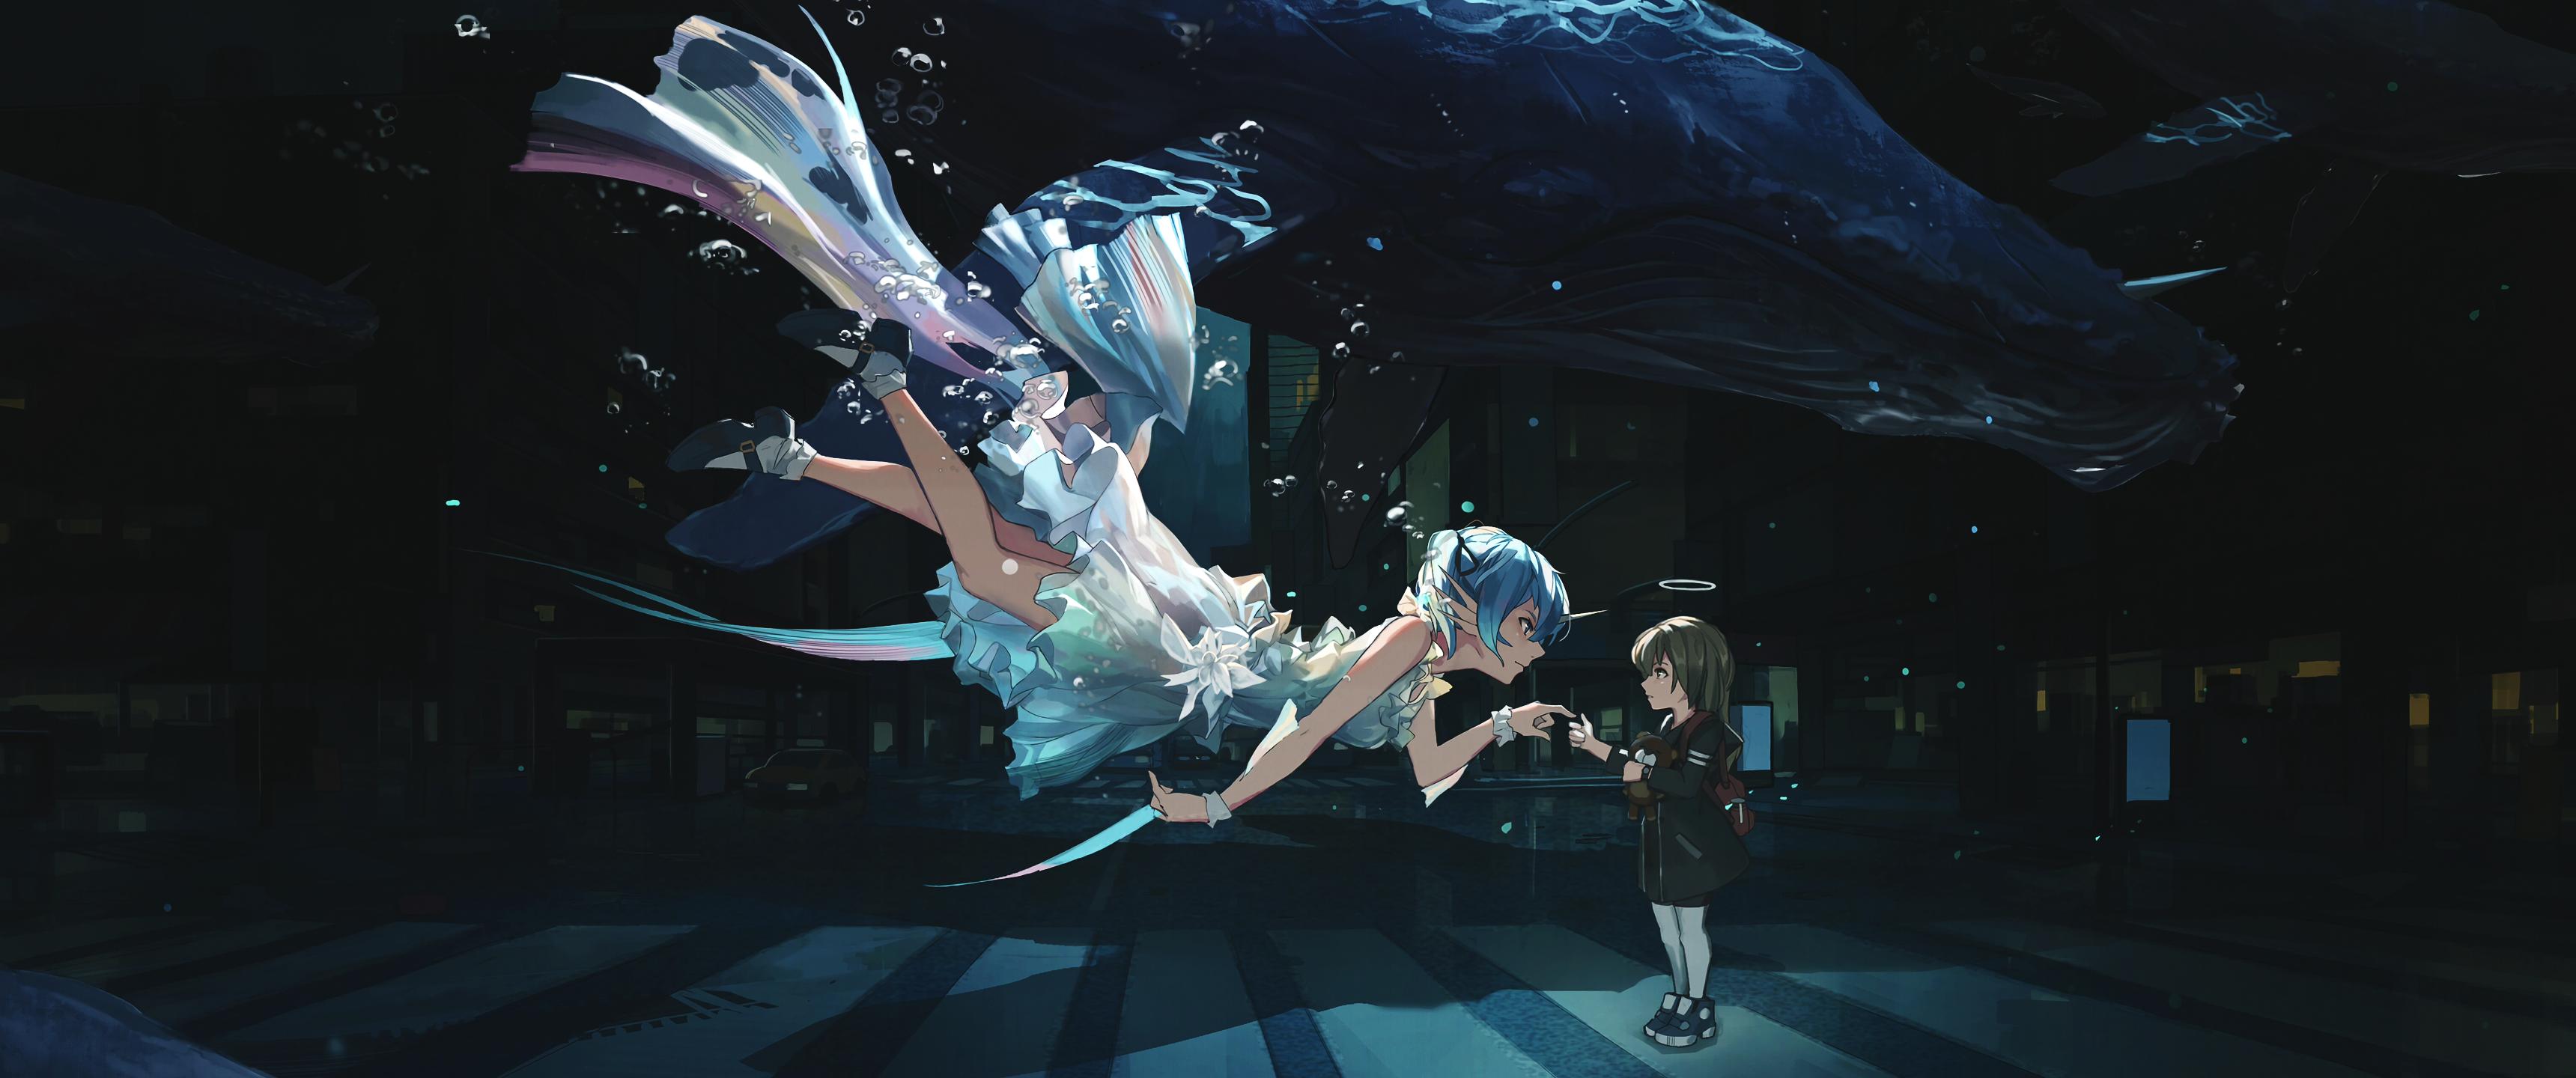 Wallpaper Ultrawide City Anime Girls Hatsune Miku Underwater